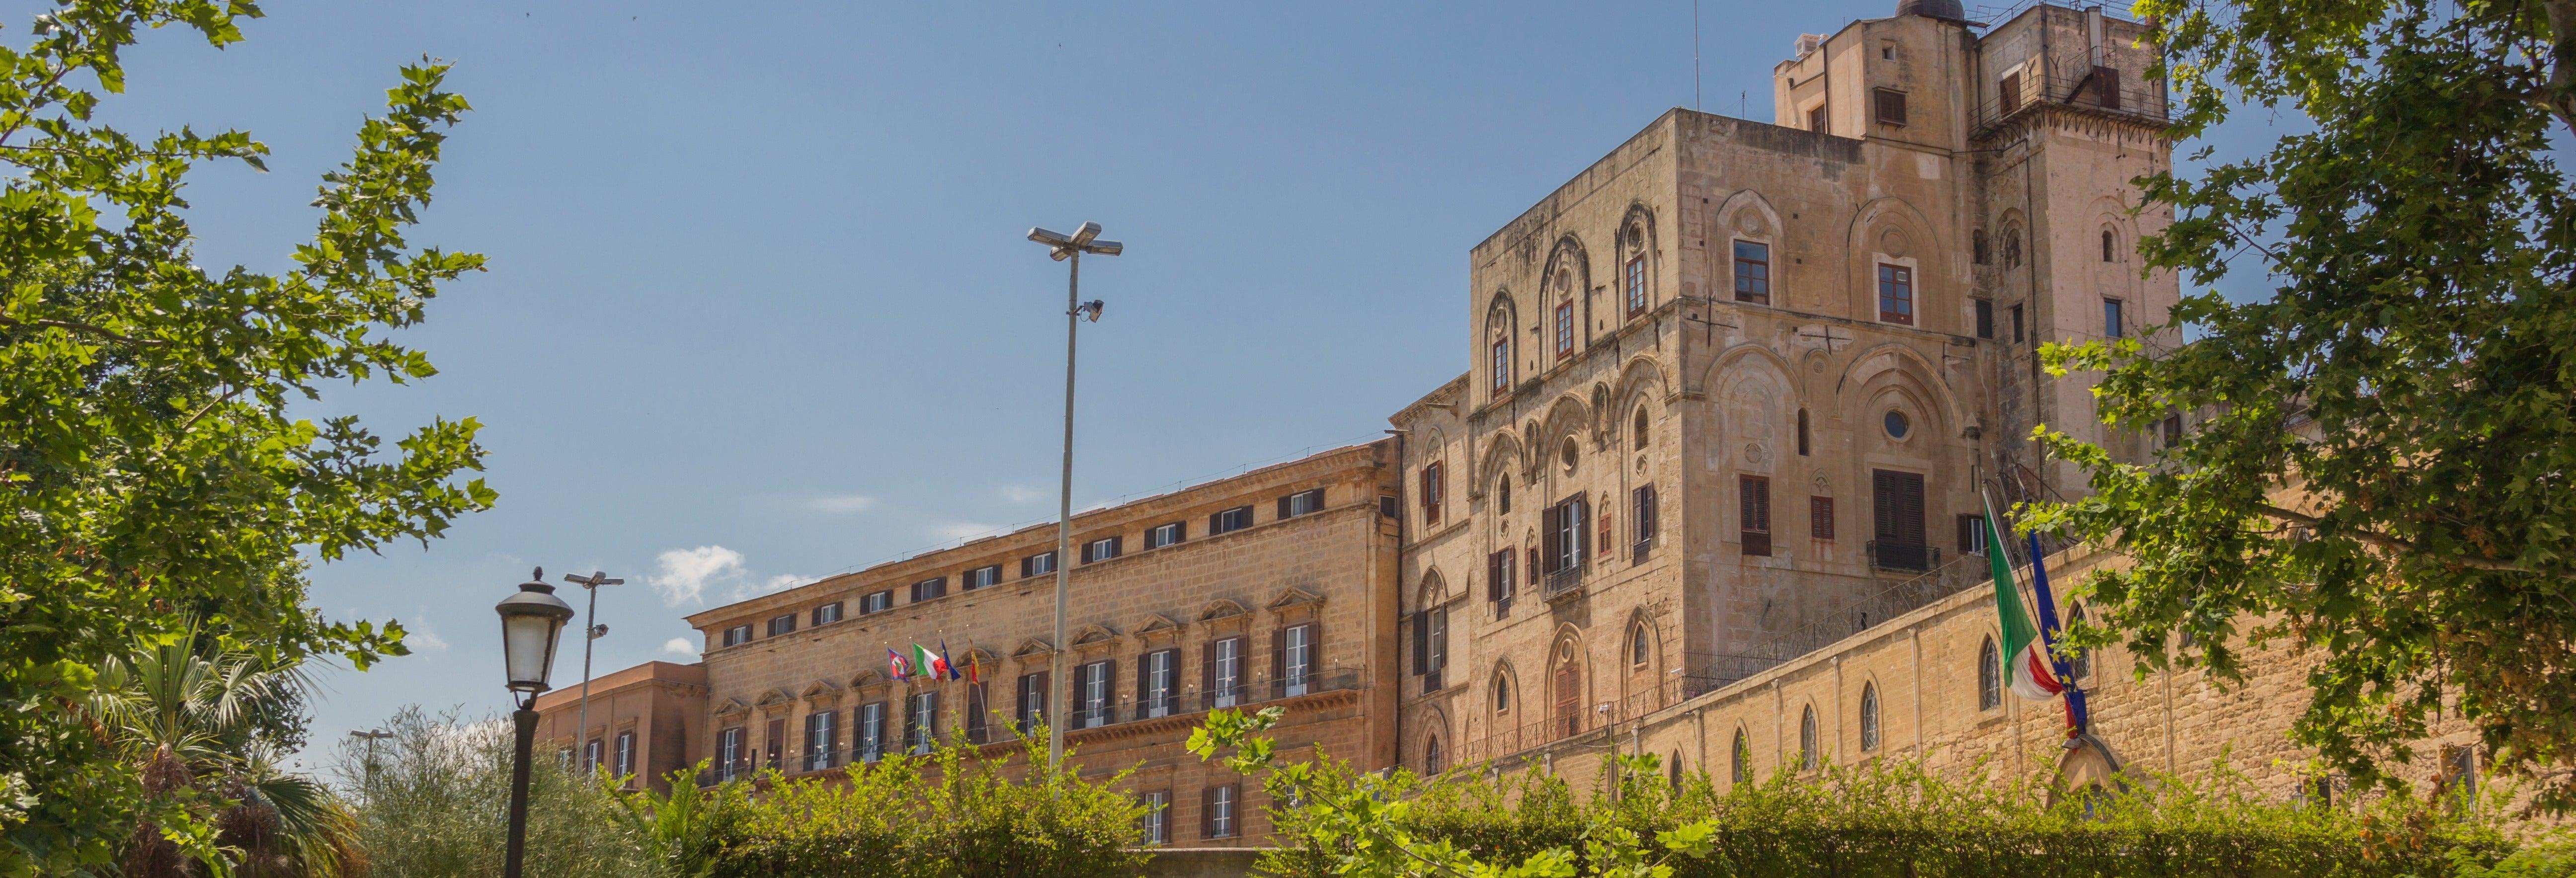 Tour por el Palacio de Normandos y la Catedral